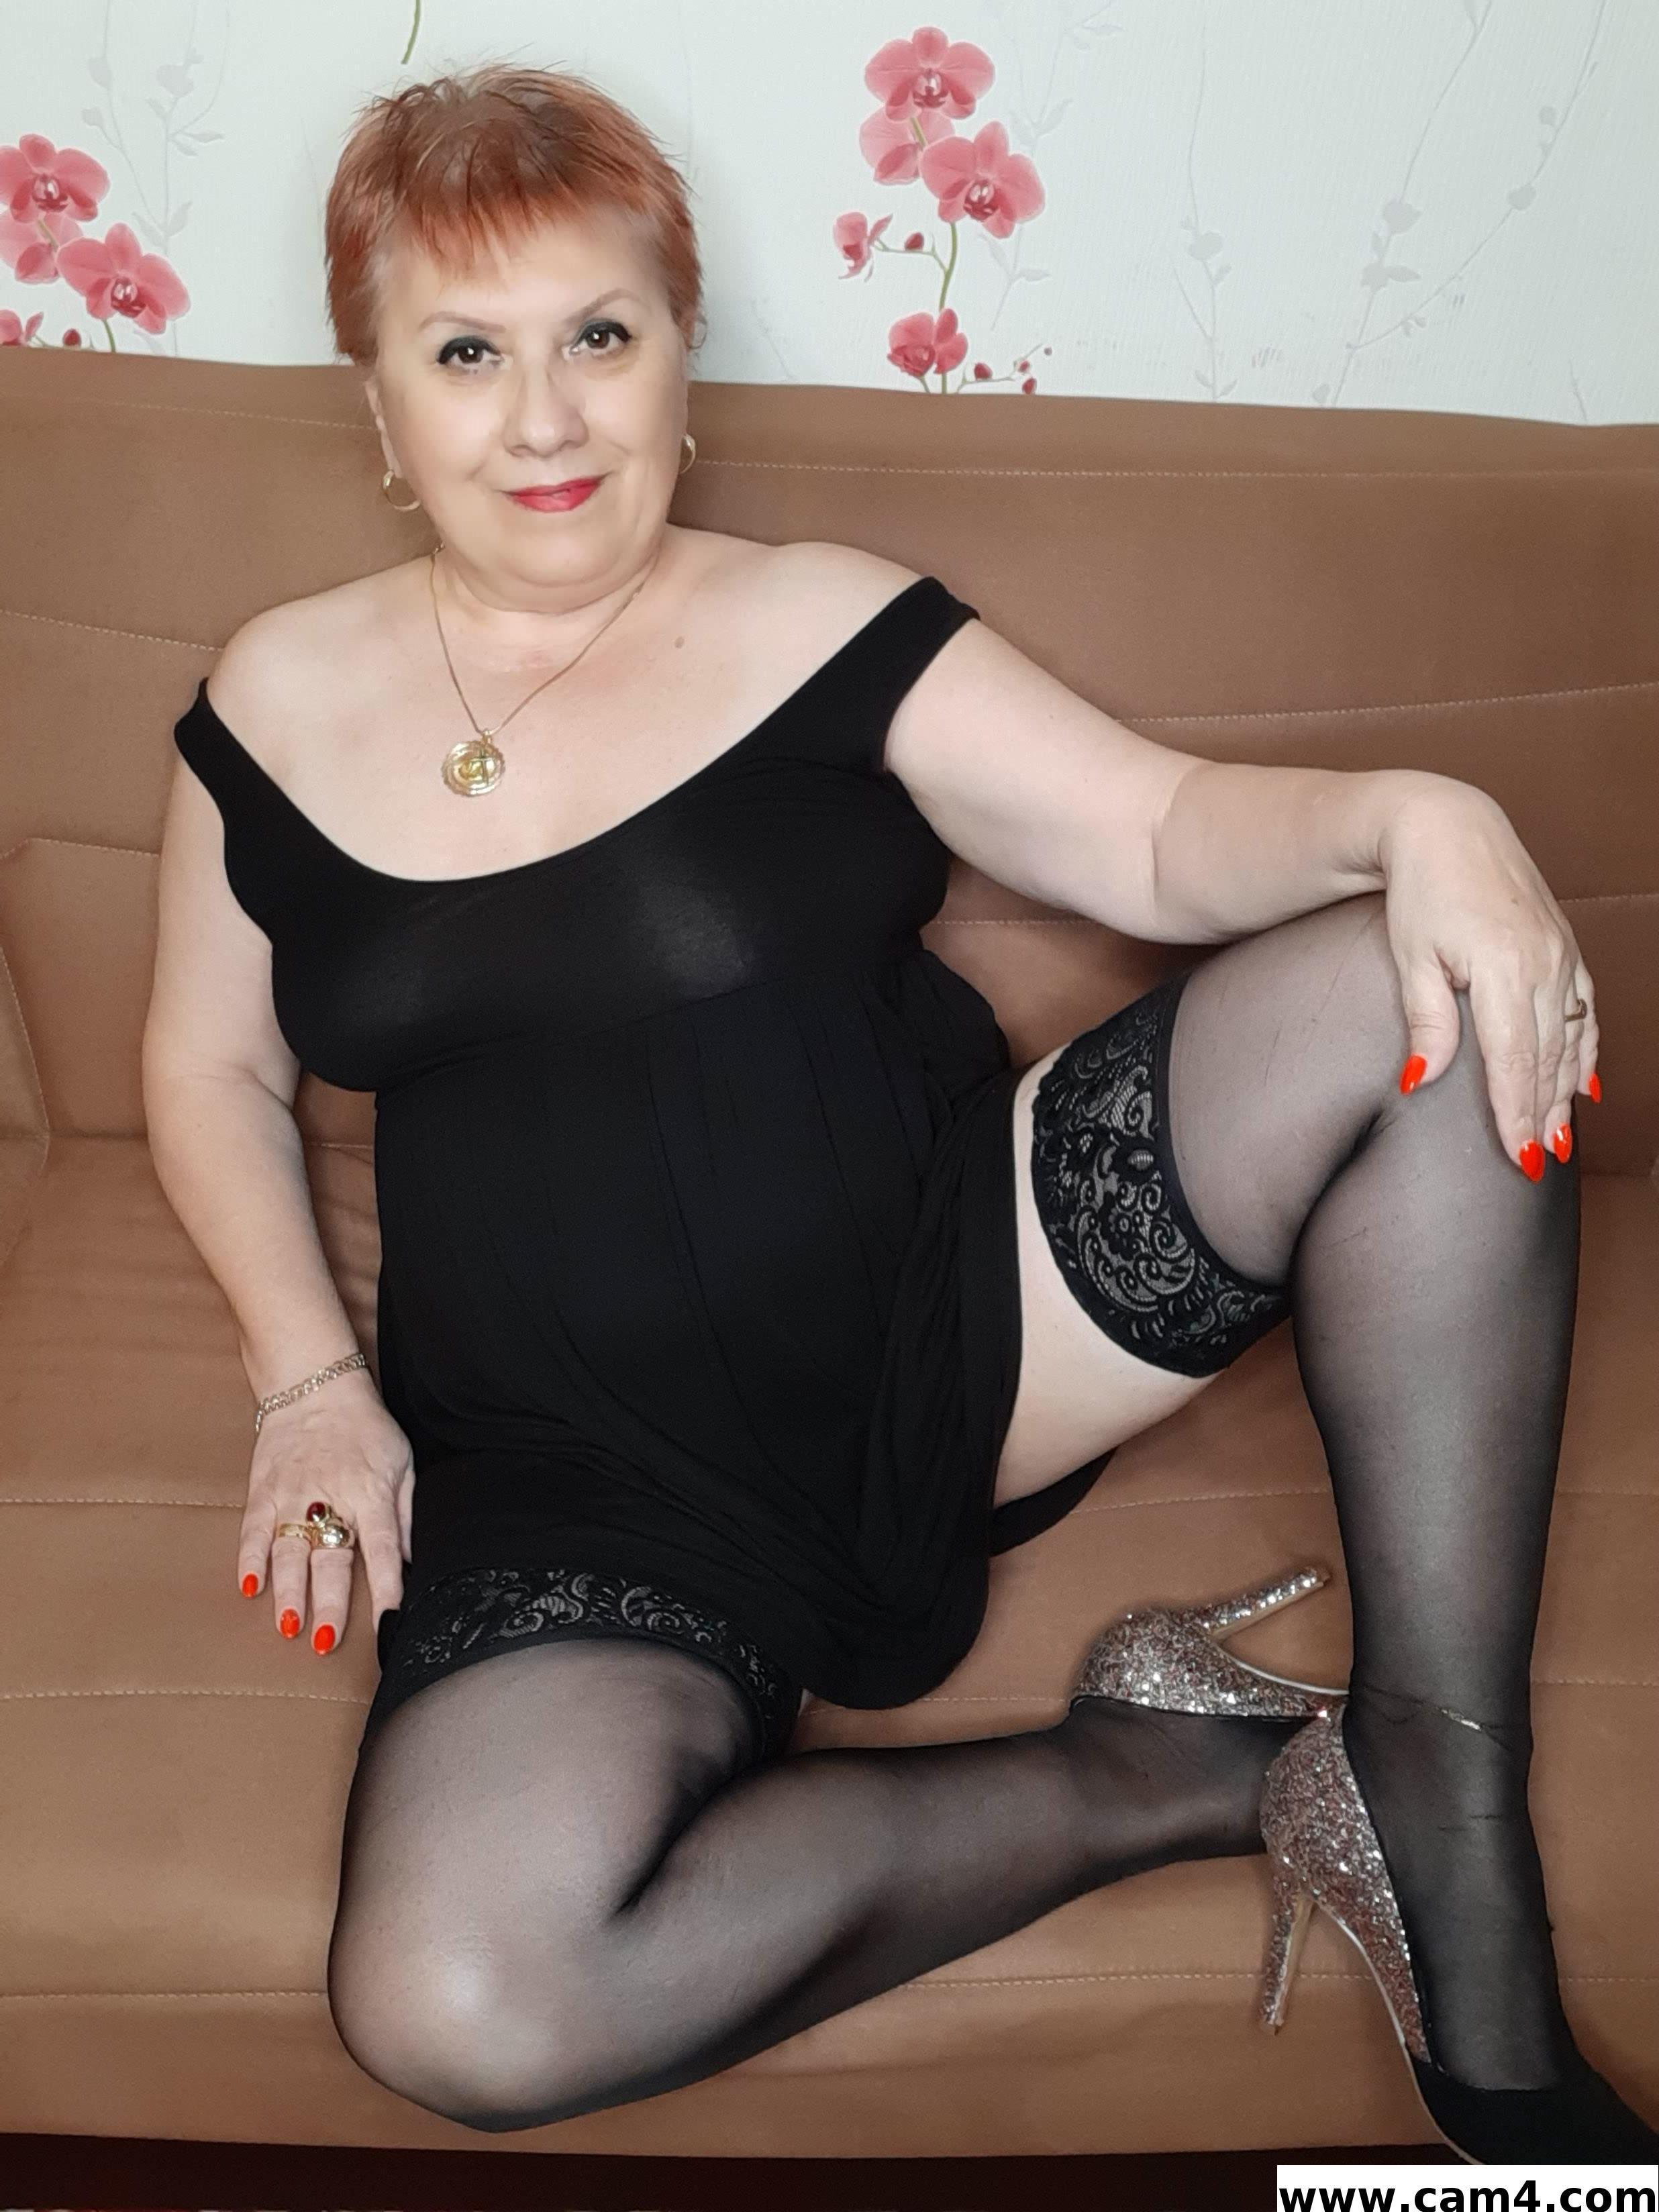 Sexylynette?s=rfkoipzickif6tel4gmtwwwy+aqz4r4qg5lrvg0clp8=